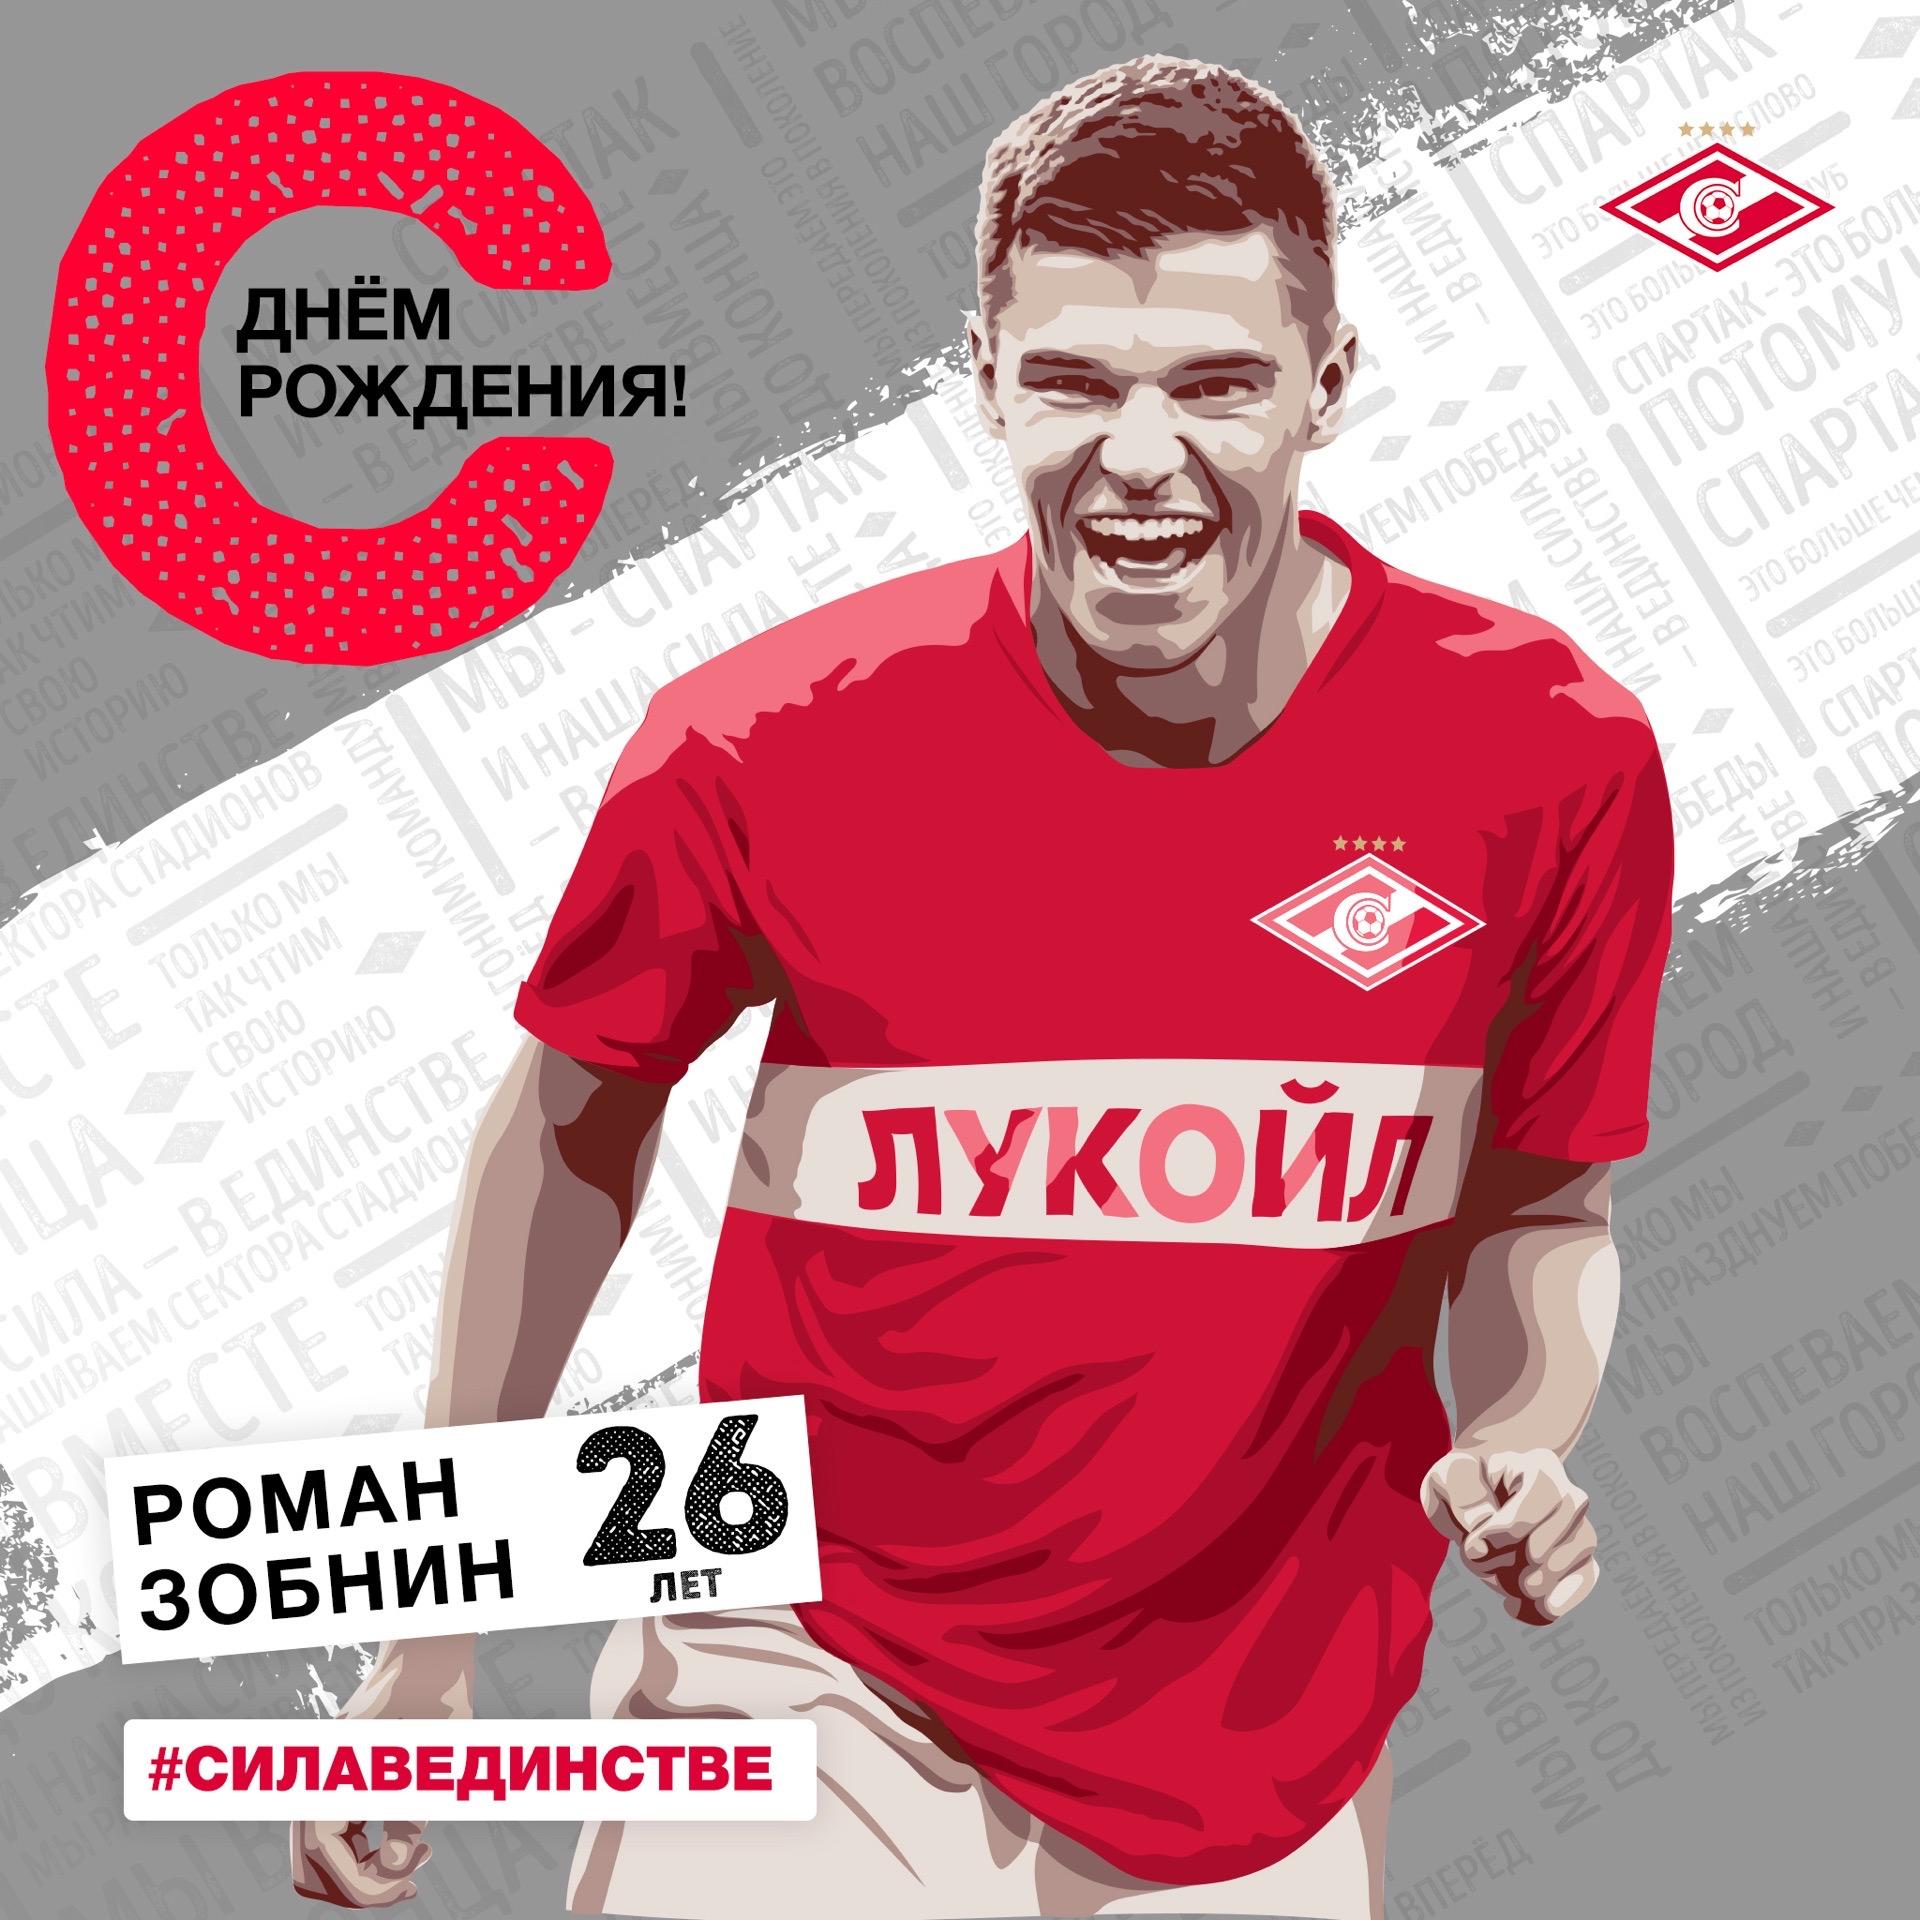 Поздравляем Романа Зобнина с днем рождения!